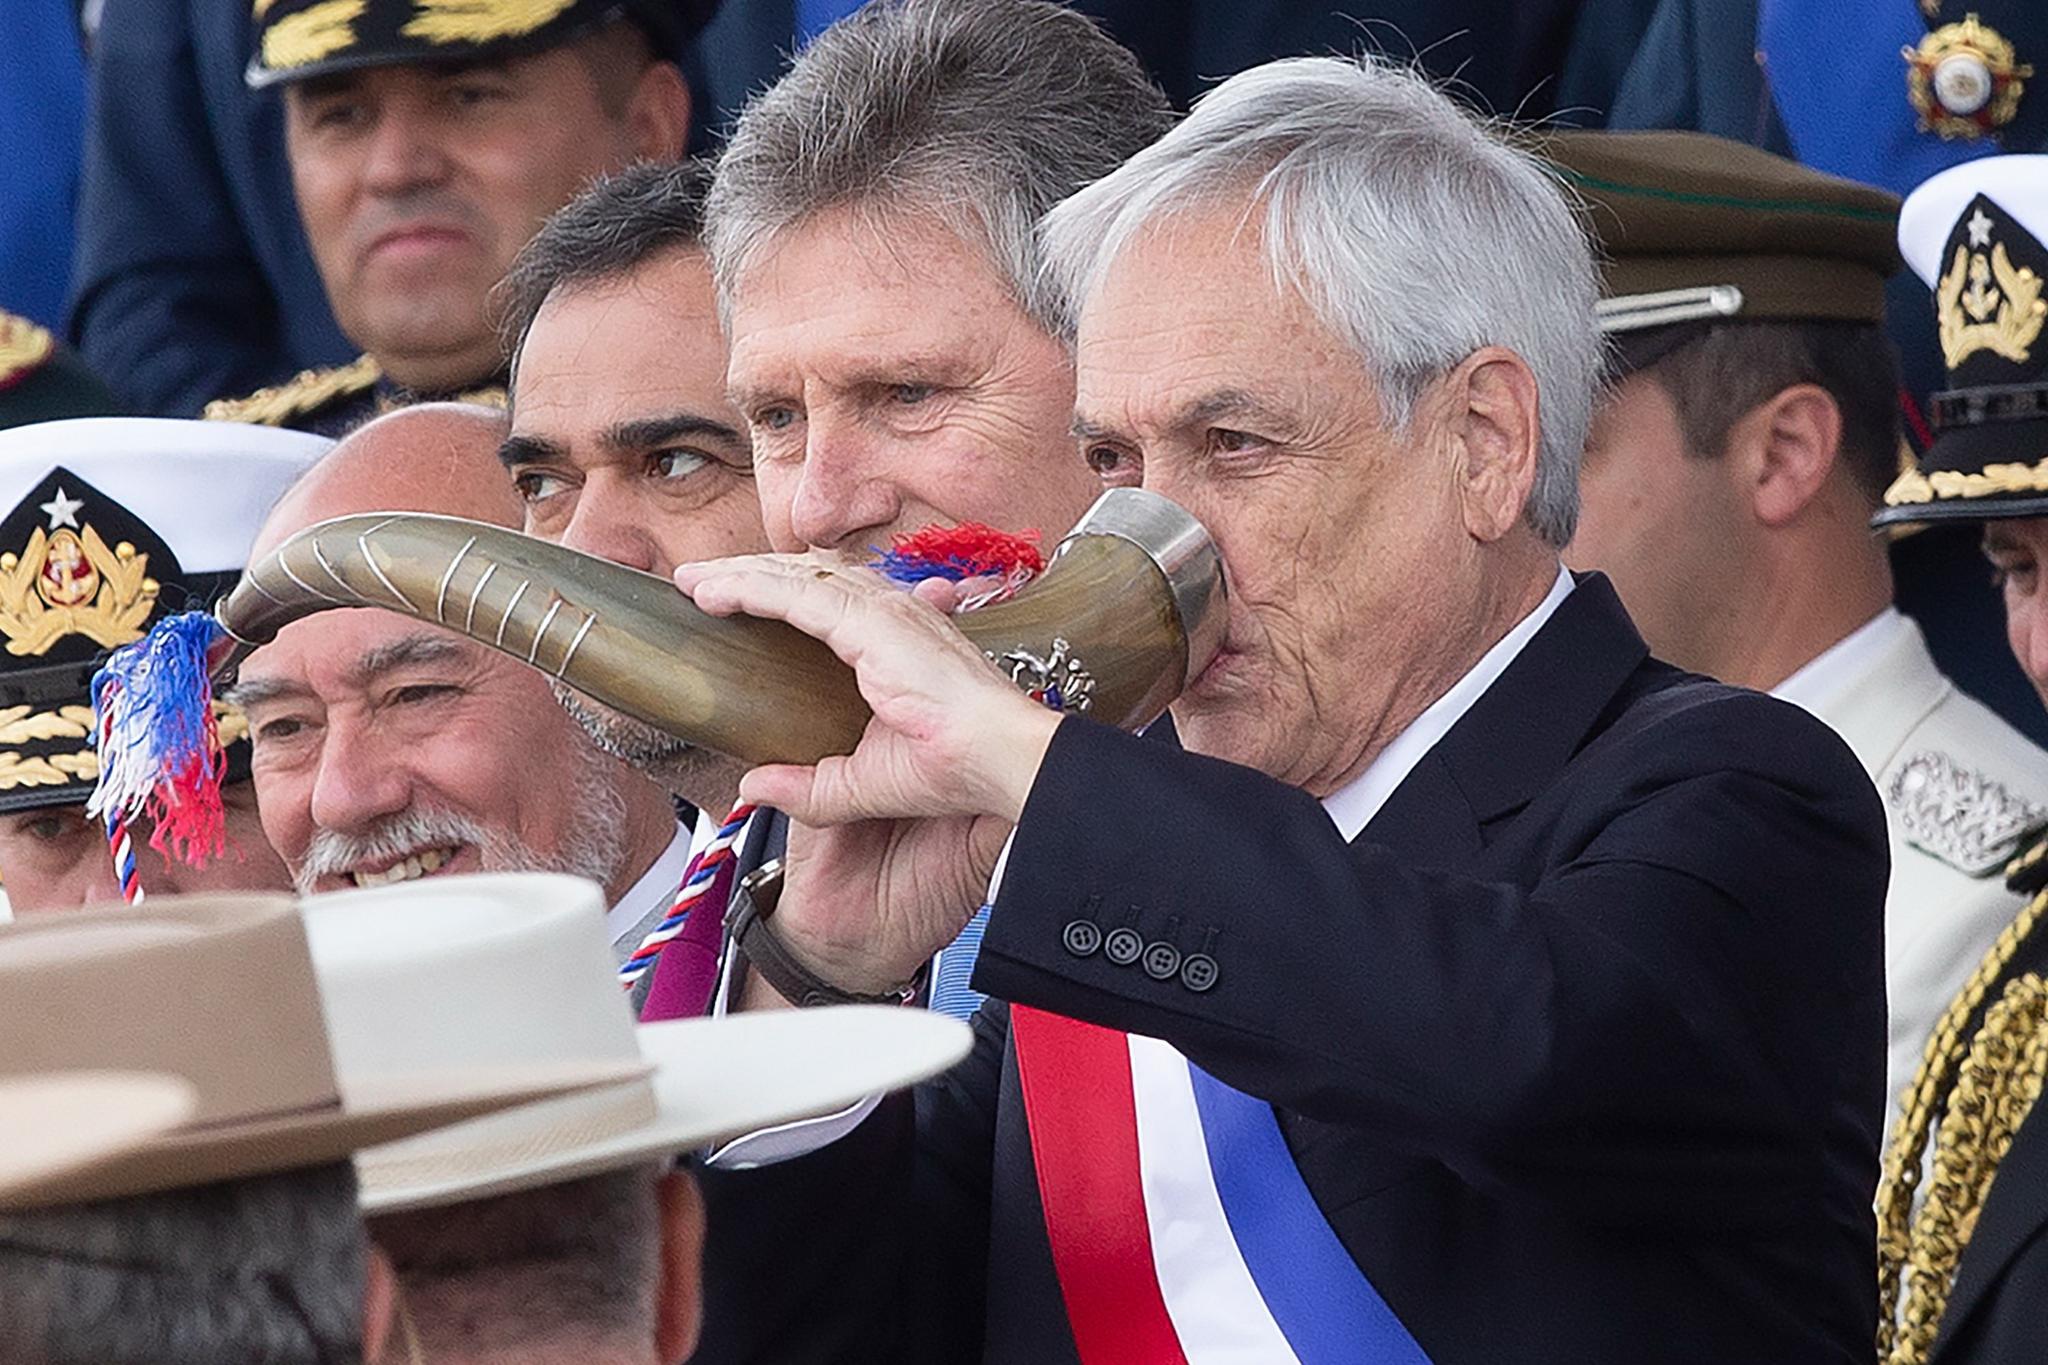 세바스티안 피녜라 칠레 대통령이 '칠레군 퍼레이드 2019'에 참석해 뿔잔으로 건배하고 있다. [AFP=연합뉴스]